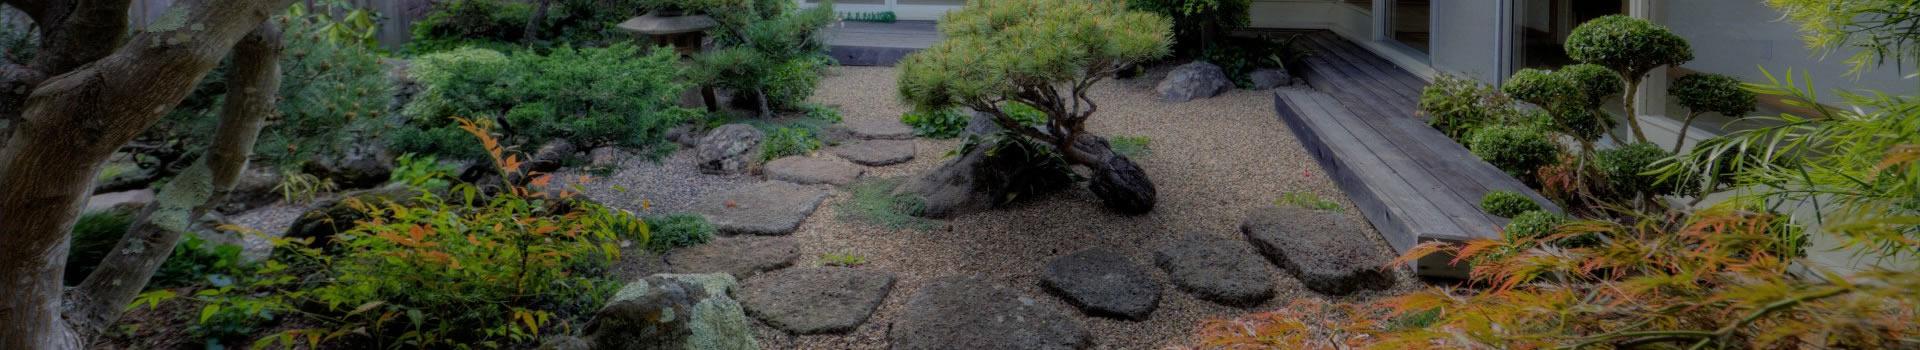 Schäfer Landschaftsbau Gartenbau Steinenbronn | Außenanlagen | Garten  Anlegen Lassen | Garten Gestalten Stuttgart | Filderstadt | Schönaich |  Holzgerlingen